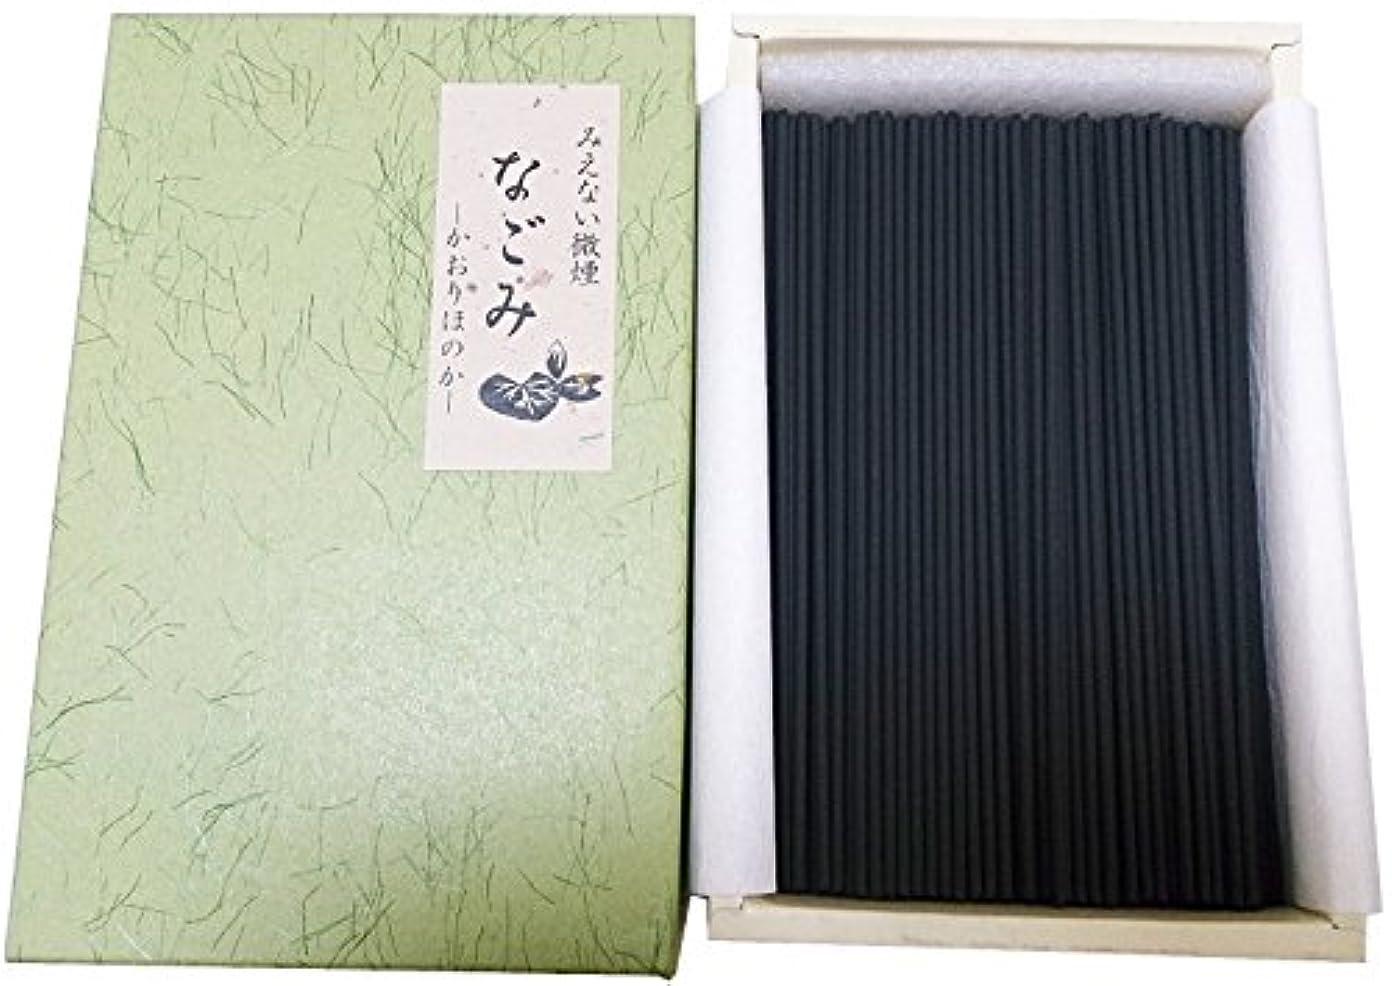 協同カート壊滅的な淡路梅薫堂のお線香 無香 無臭 無香料 無煙 なごみ 135g×11箱 #108